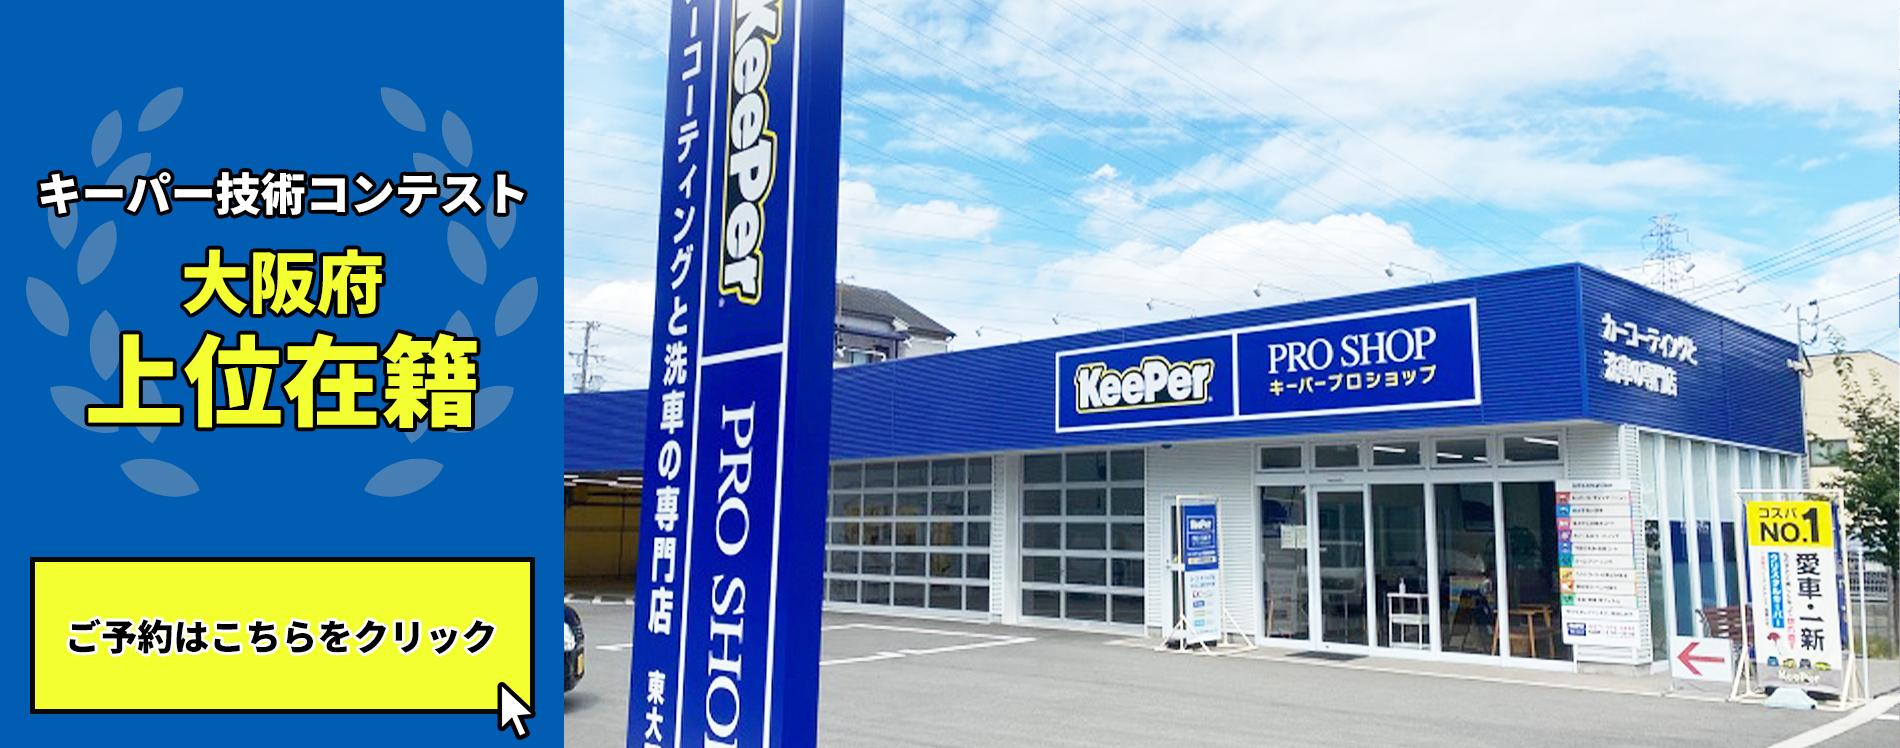 キーパー東大阪店オープン